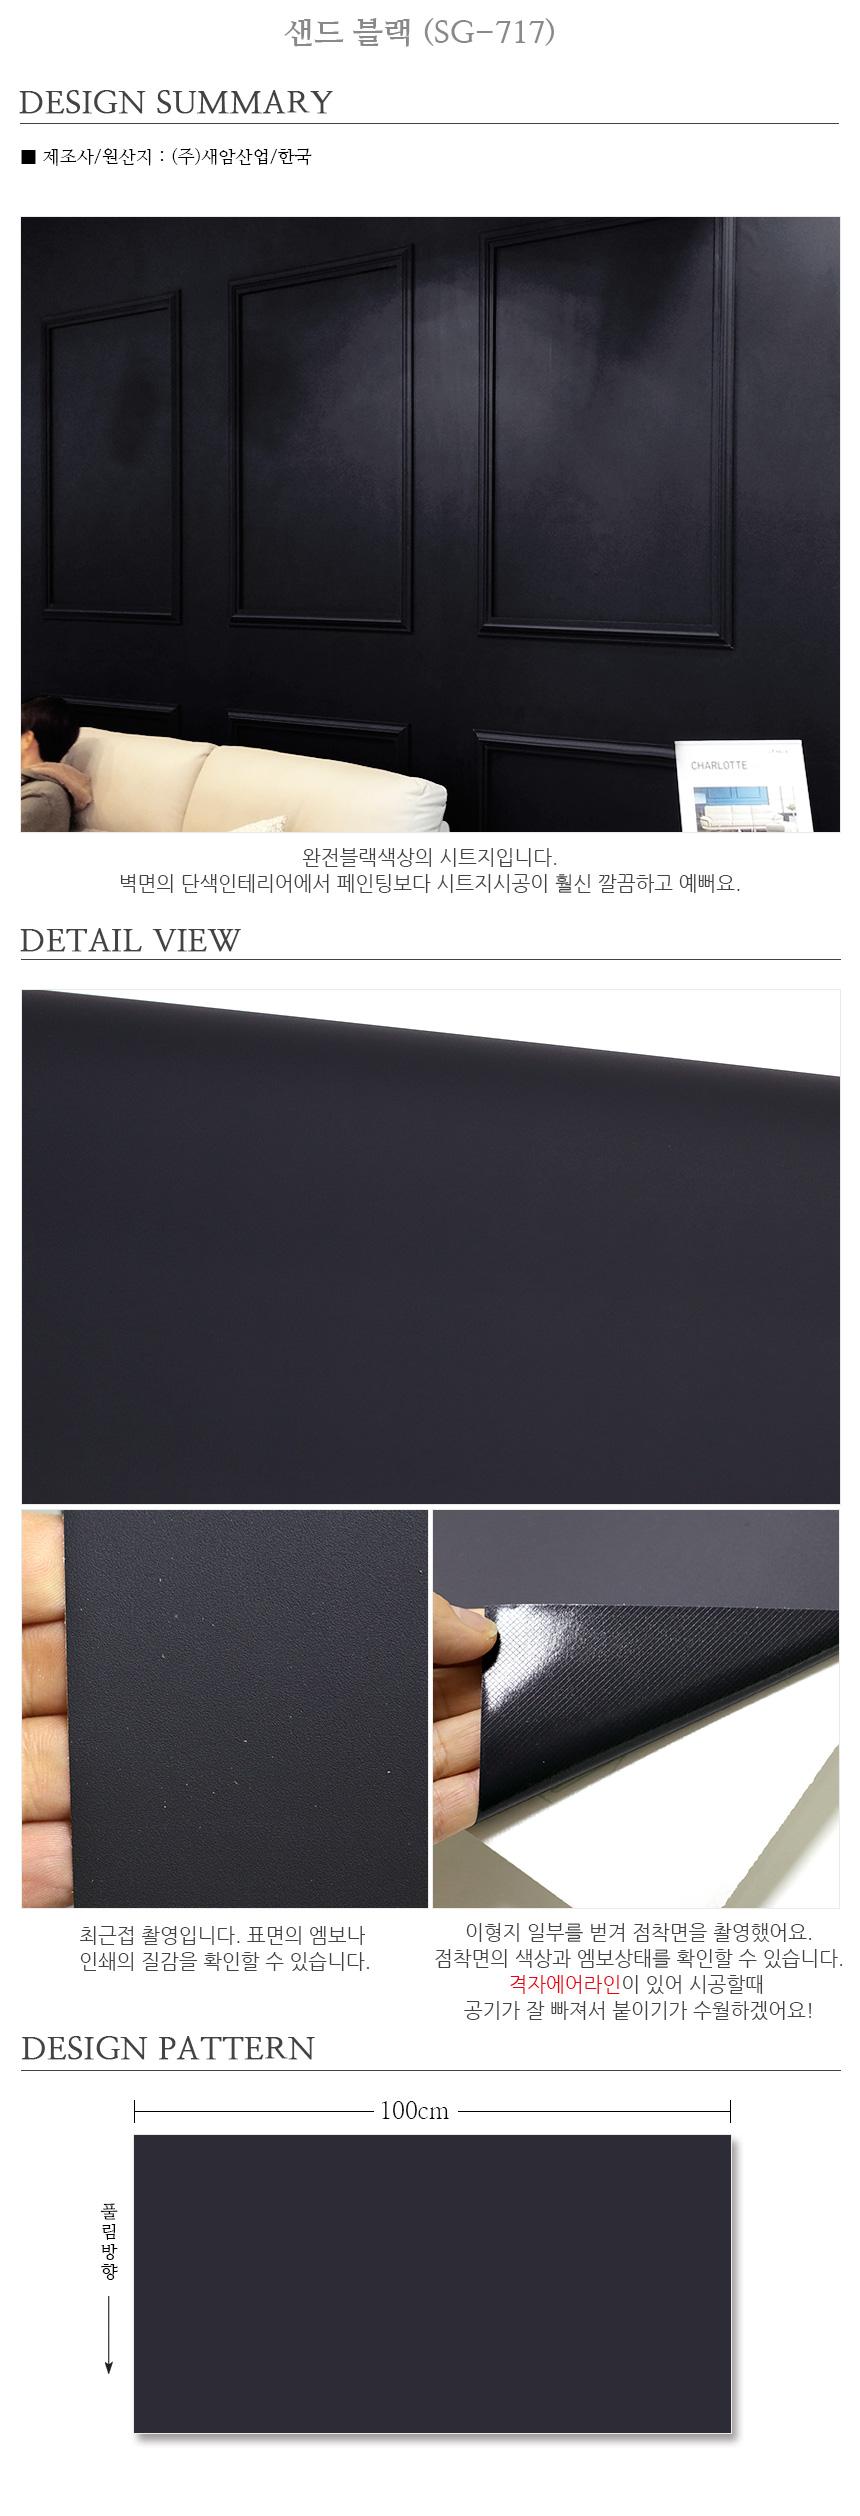 단색인테리어시트지 샌드 블랙 (SG-717) - 데코사랑, 6,270원, 벽지/시트지, 단색벽지